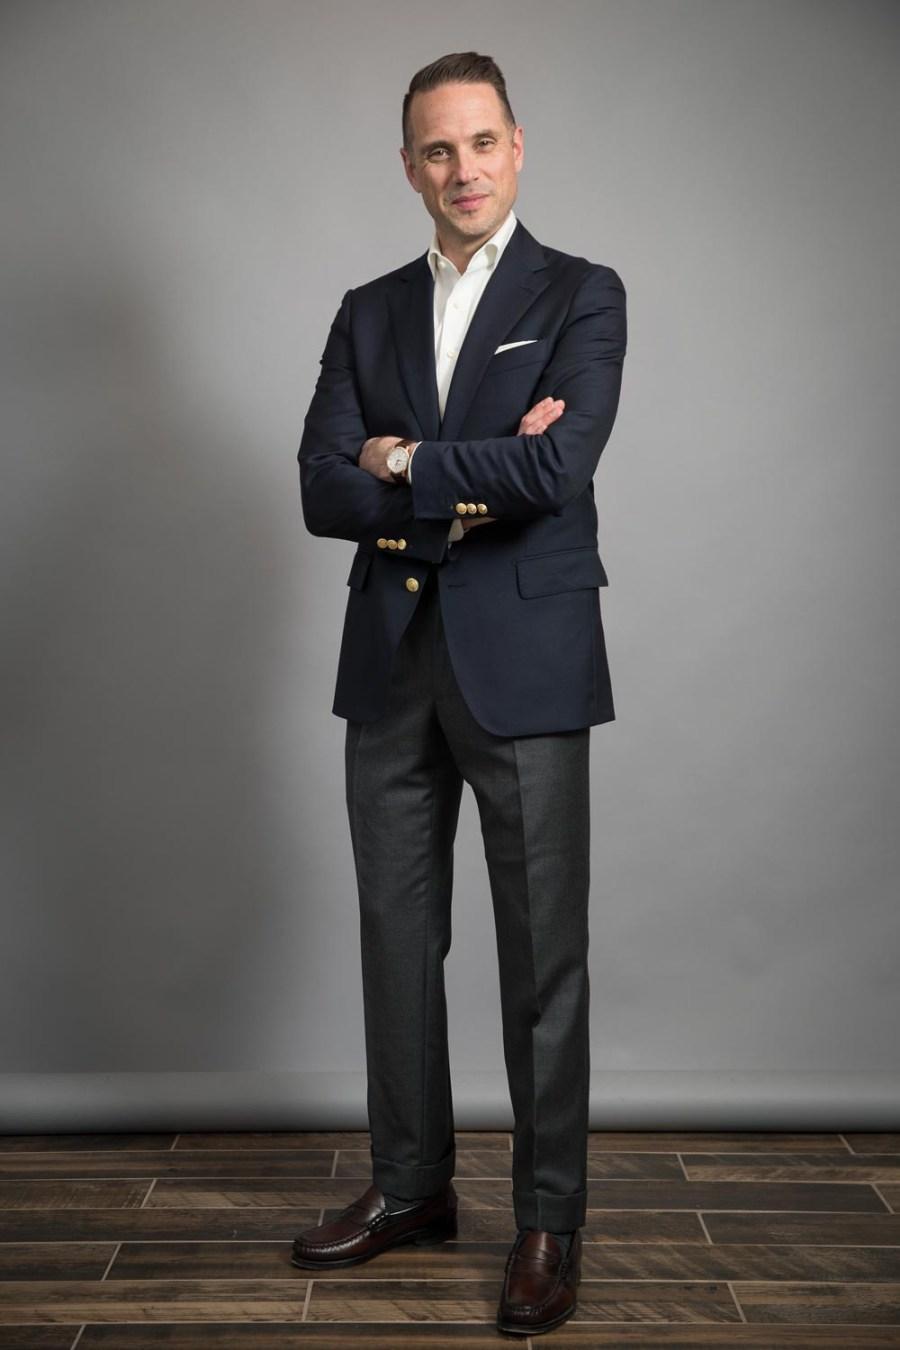 clássico-azul-marinho-blazer-e-mocassins-ele-falou-estilo-michael-andrews-sob medida